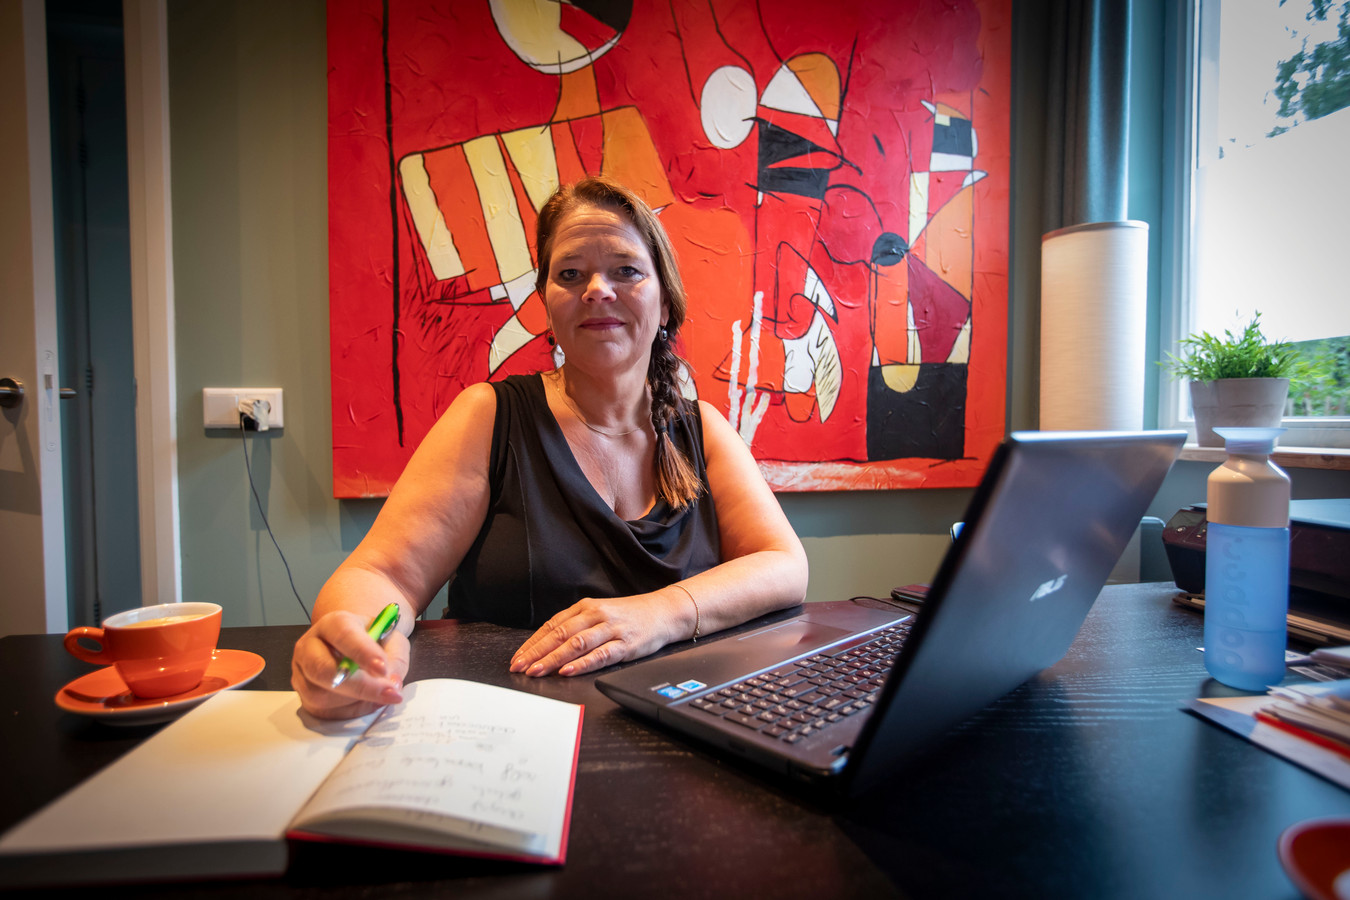 Hulpverleenster Esther van Heertum